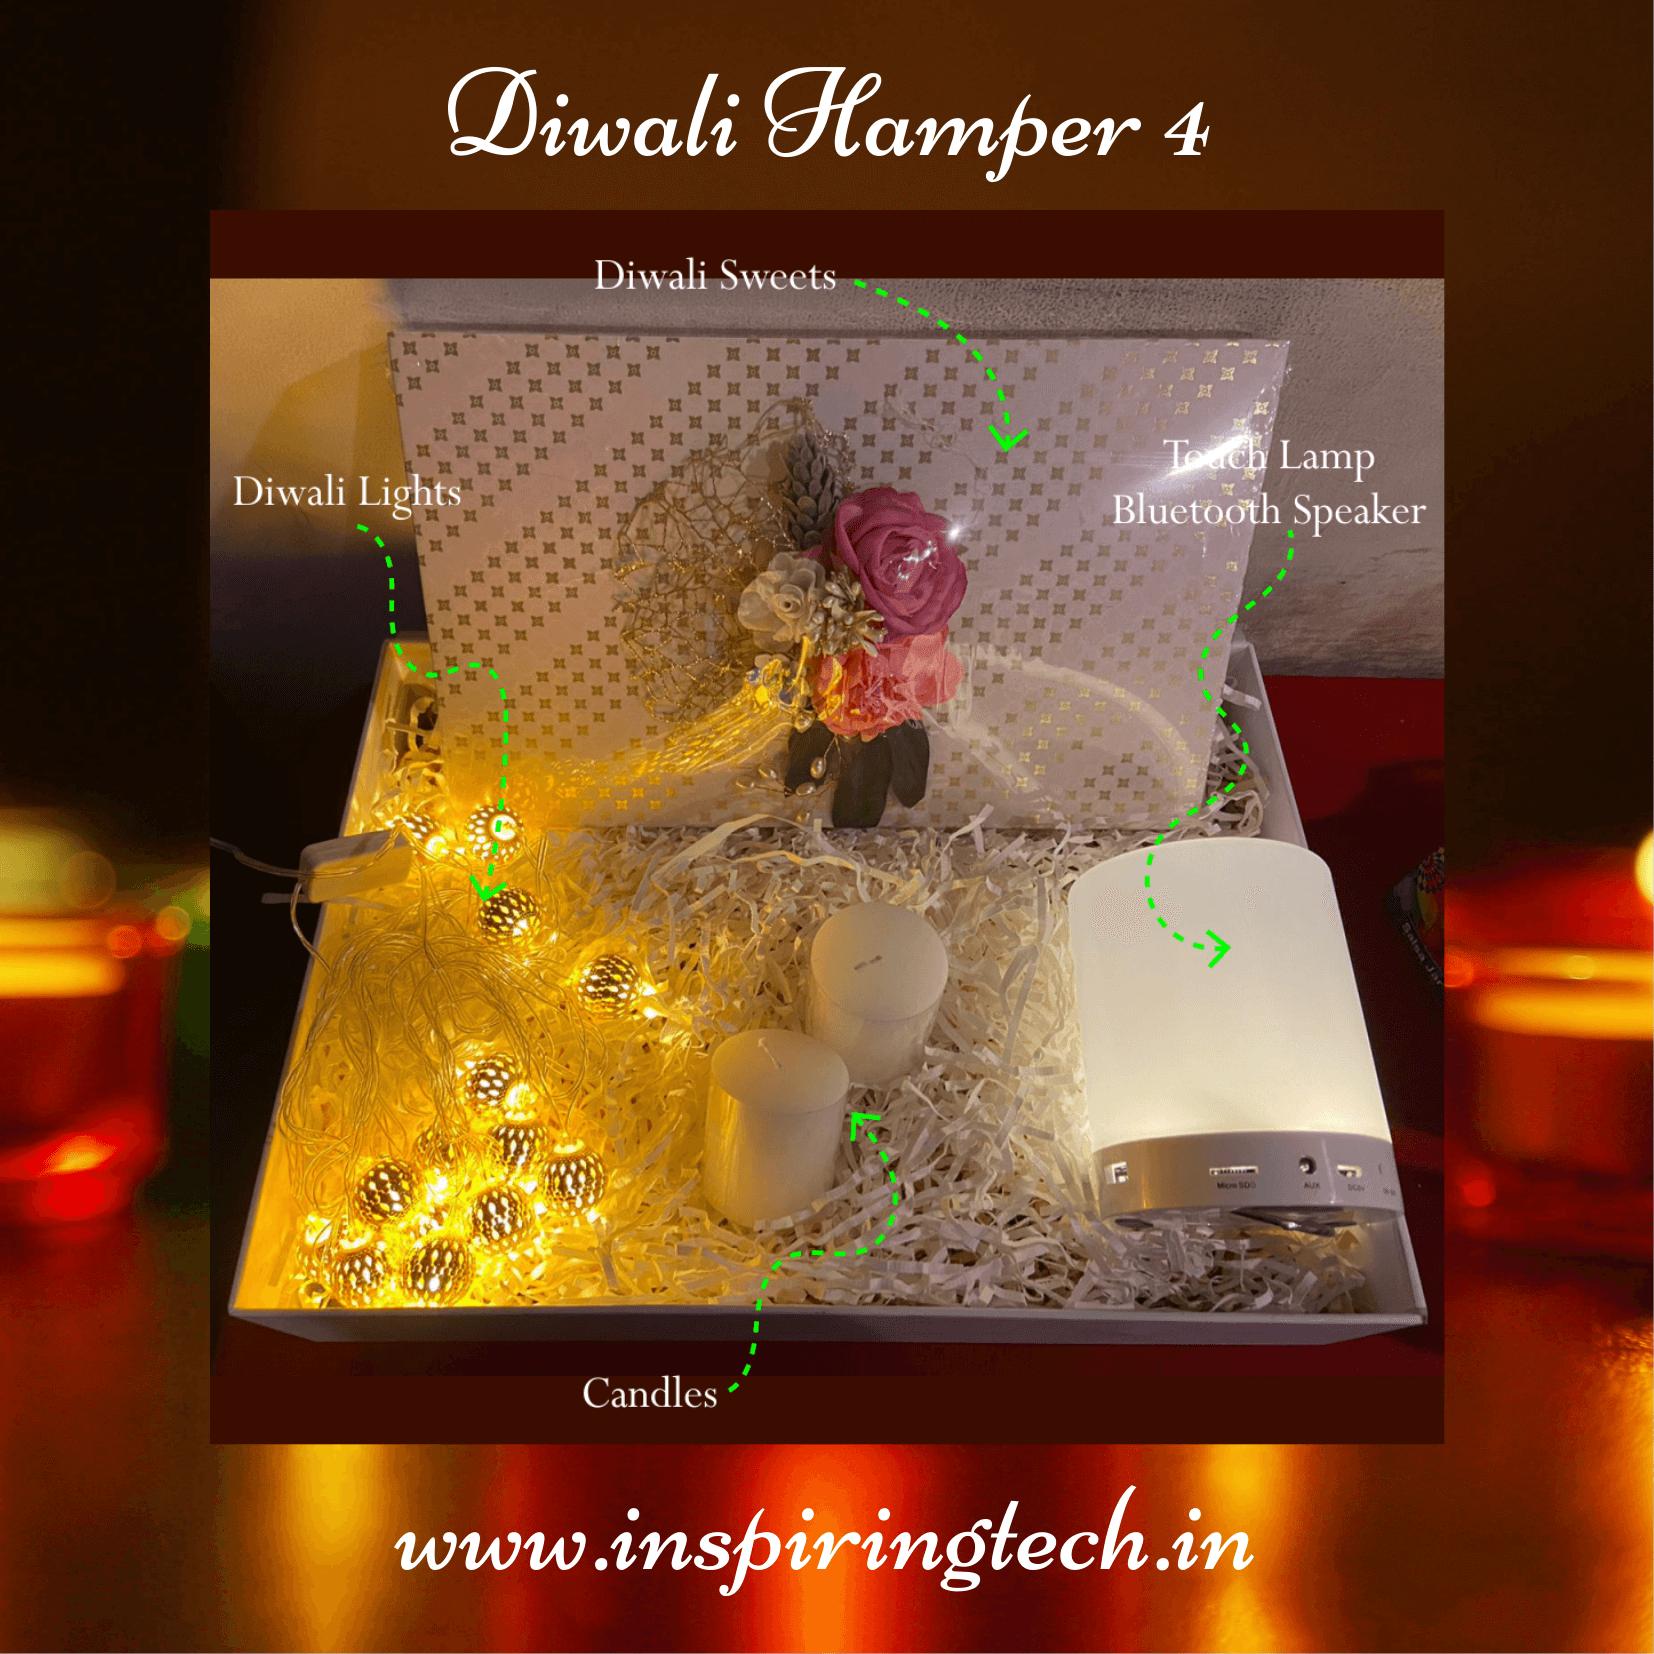 Diwali-Hamper-4